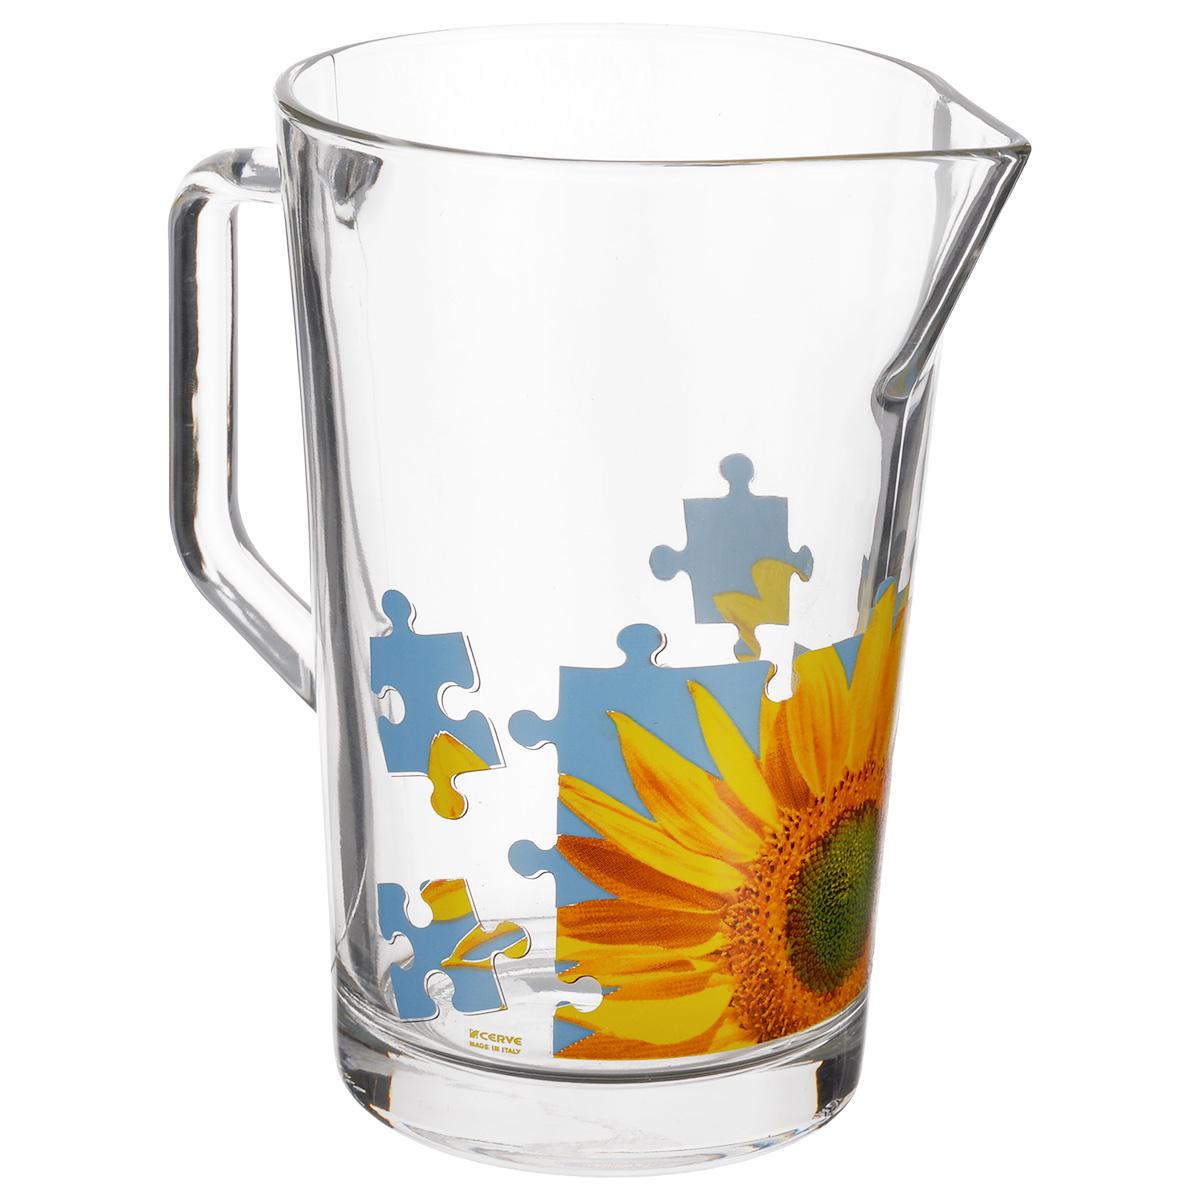 Кувшин Cerve Пазл Подсолнух, 1,3 лVT-1520(SR)Кувшин Cerve Пазл Подсолнух, выполненный из высококачественного стекла, оформлен изображением подсолнуха в виде пазла. Он оснащен удобной ручкой и прост в использовании,достаточно просто наклонить его и налить ваш любимый напиток. Изделие прекрасно подойдет для подачи воды, сока, компота и других напитков. Кувшин Cerve Пазл Подсолнух дополнит интерьер вашей кухни и станет замечательным подарком к любому празднику.Диаметр (по верхнему краю): 11,5 см.Высота кувшина: 18 см.